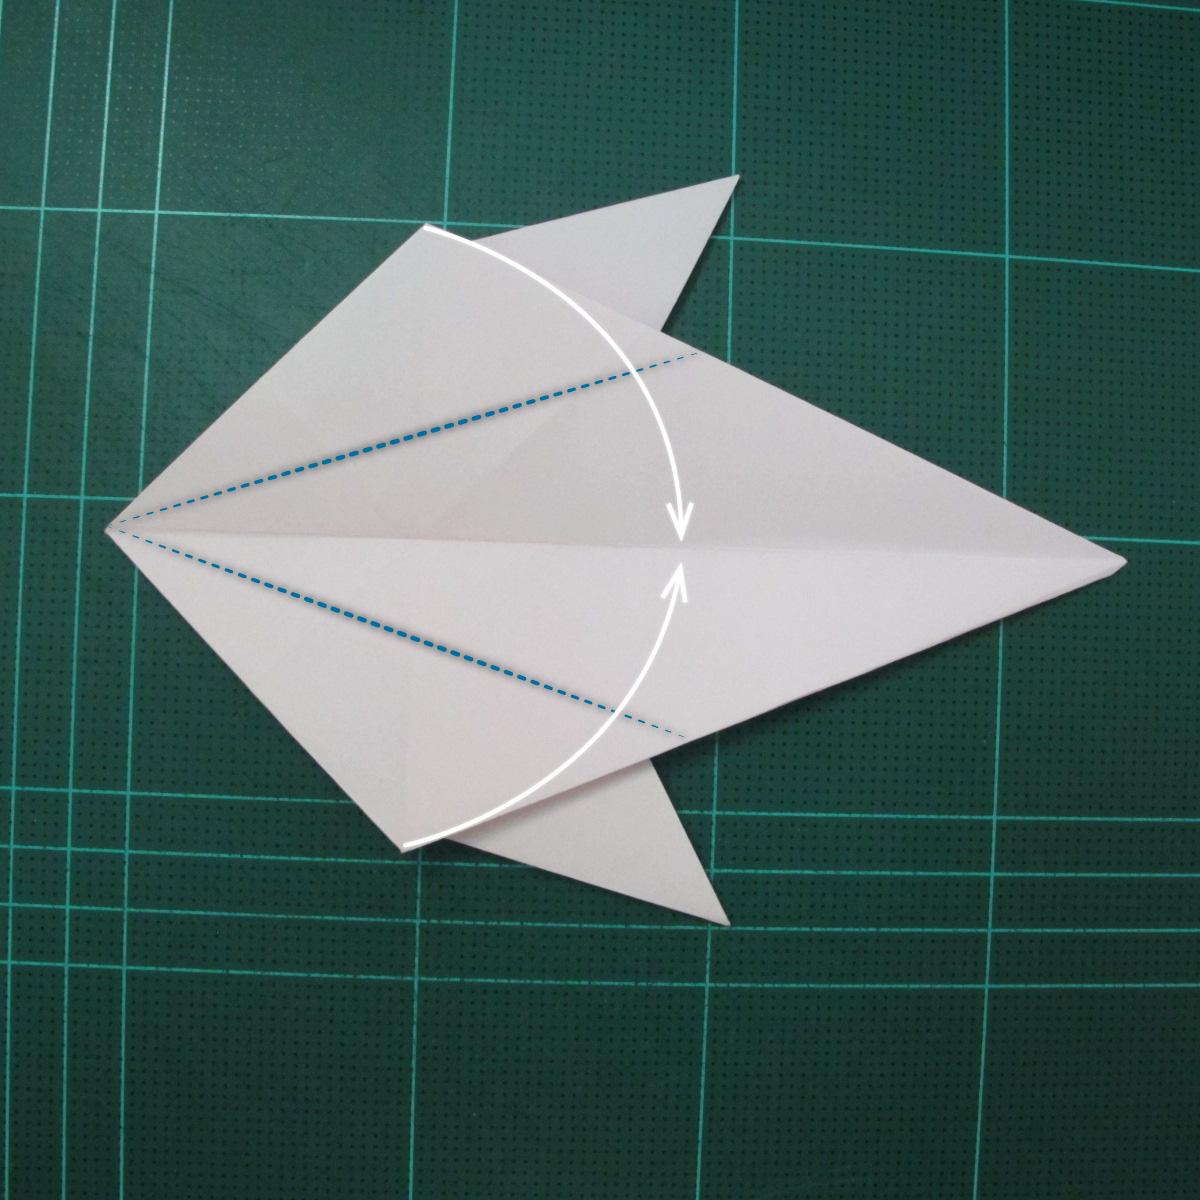 การพับกระดาษเป็นไดโนเสาร์ทีเร็กซ์ (Origami Tyrannosaurus Rex) 026